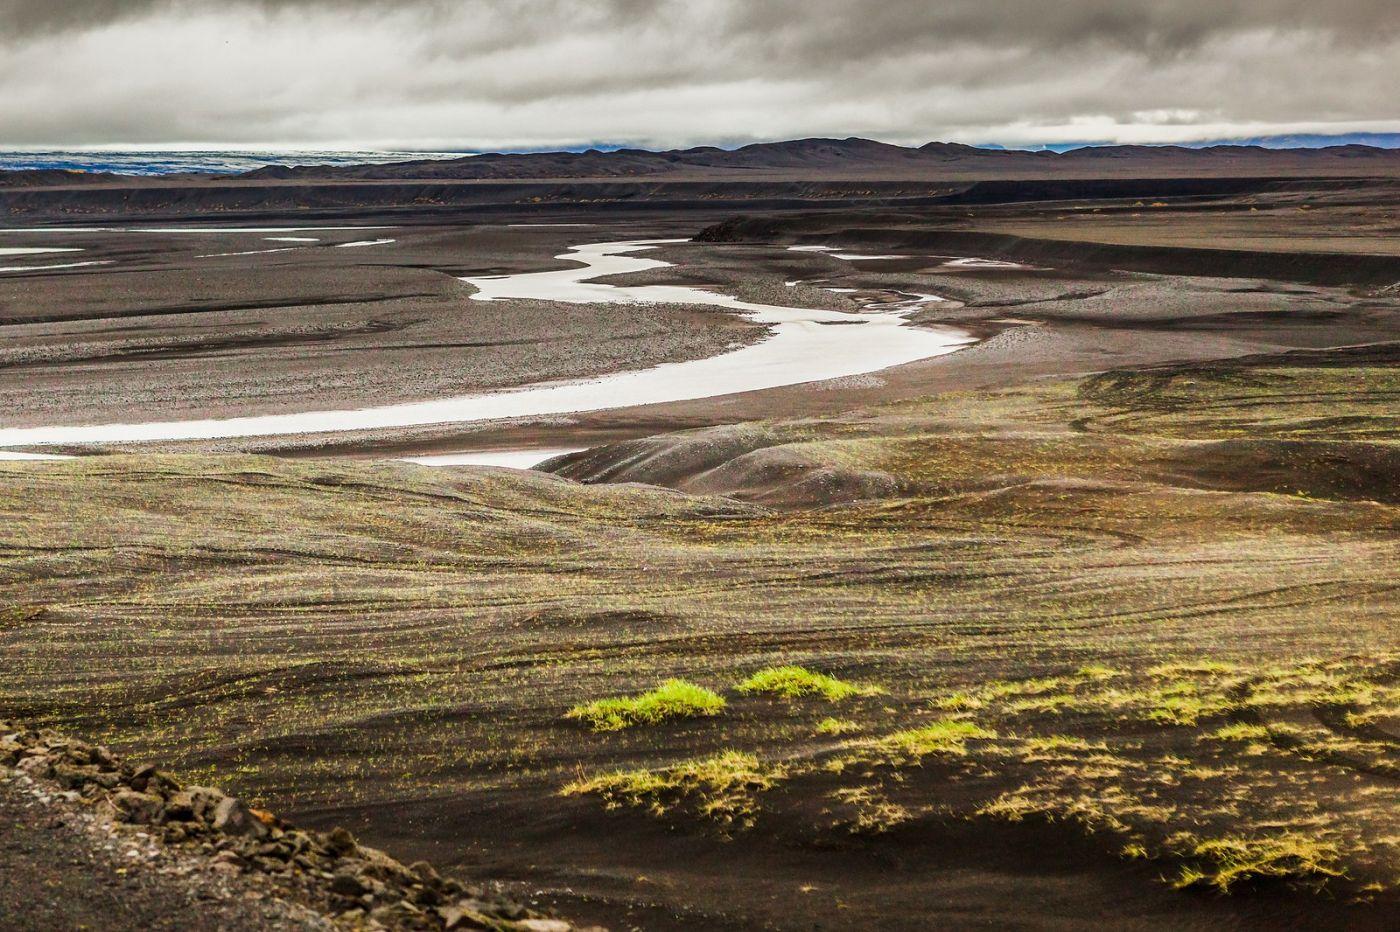 冰岛风采,那一片水景_图1-21